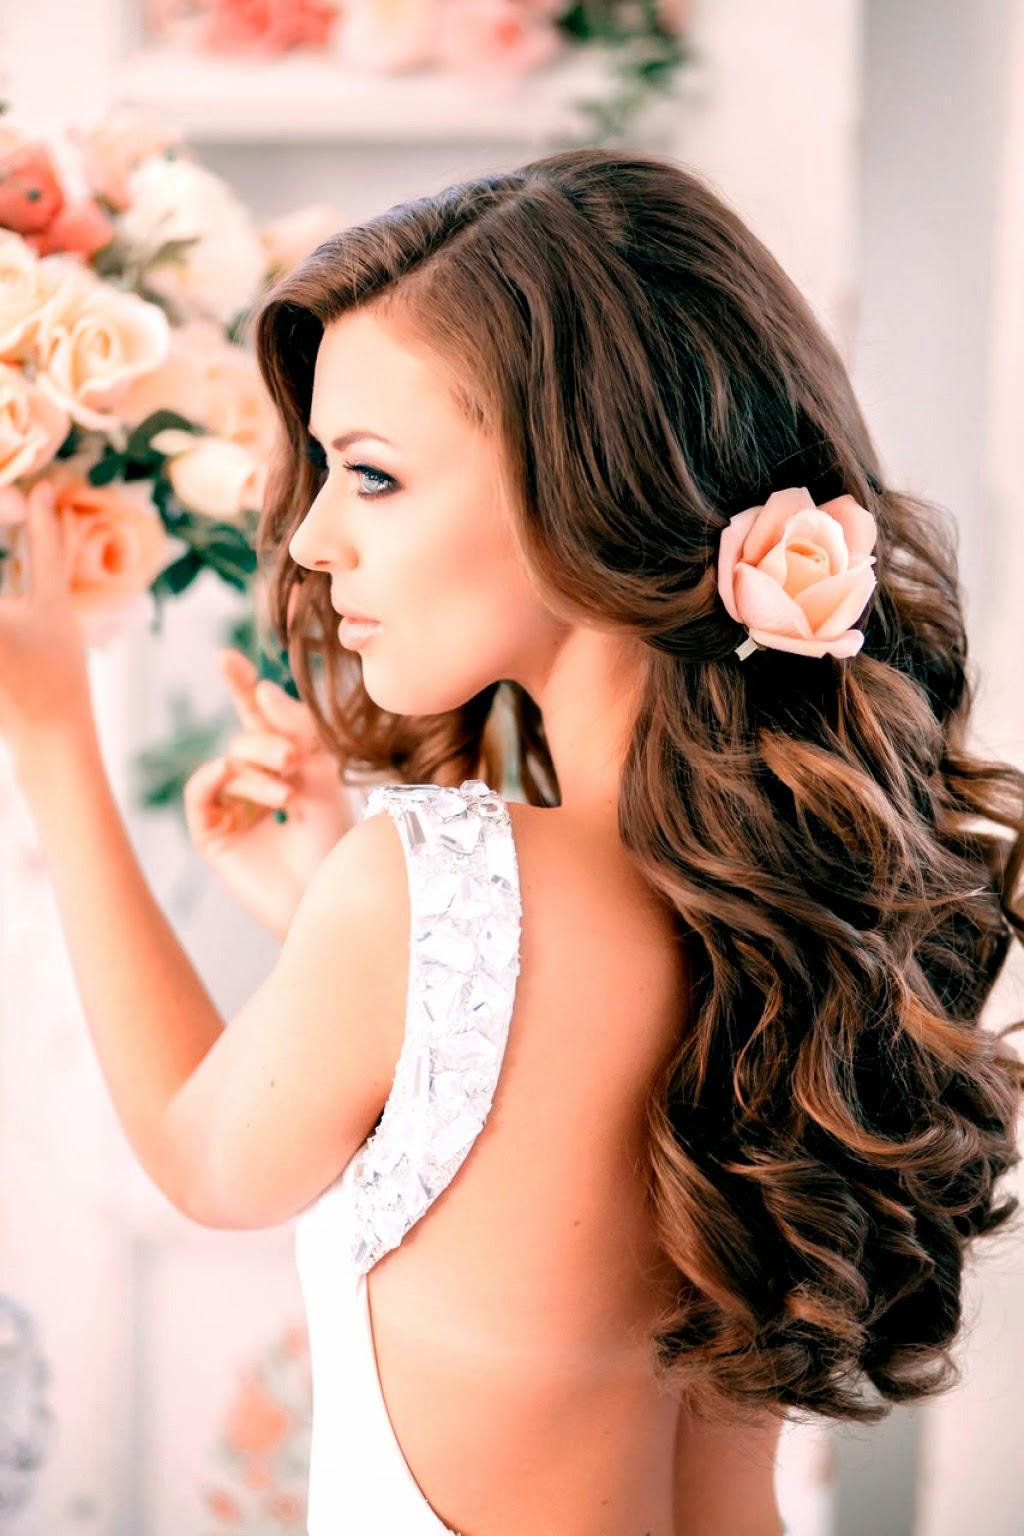 Простая прическа с длинными волосами с кудрями и цветами